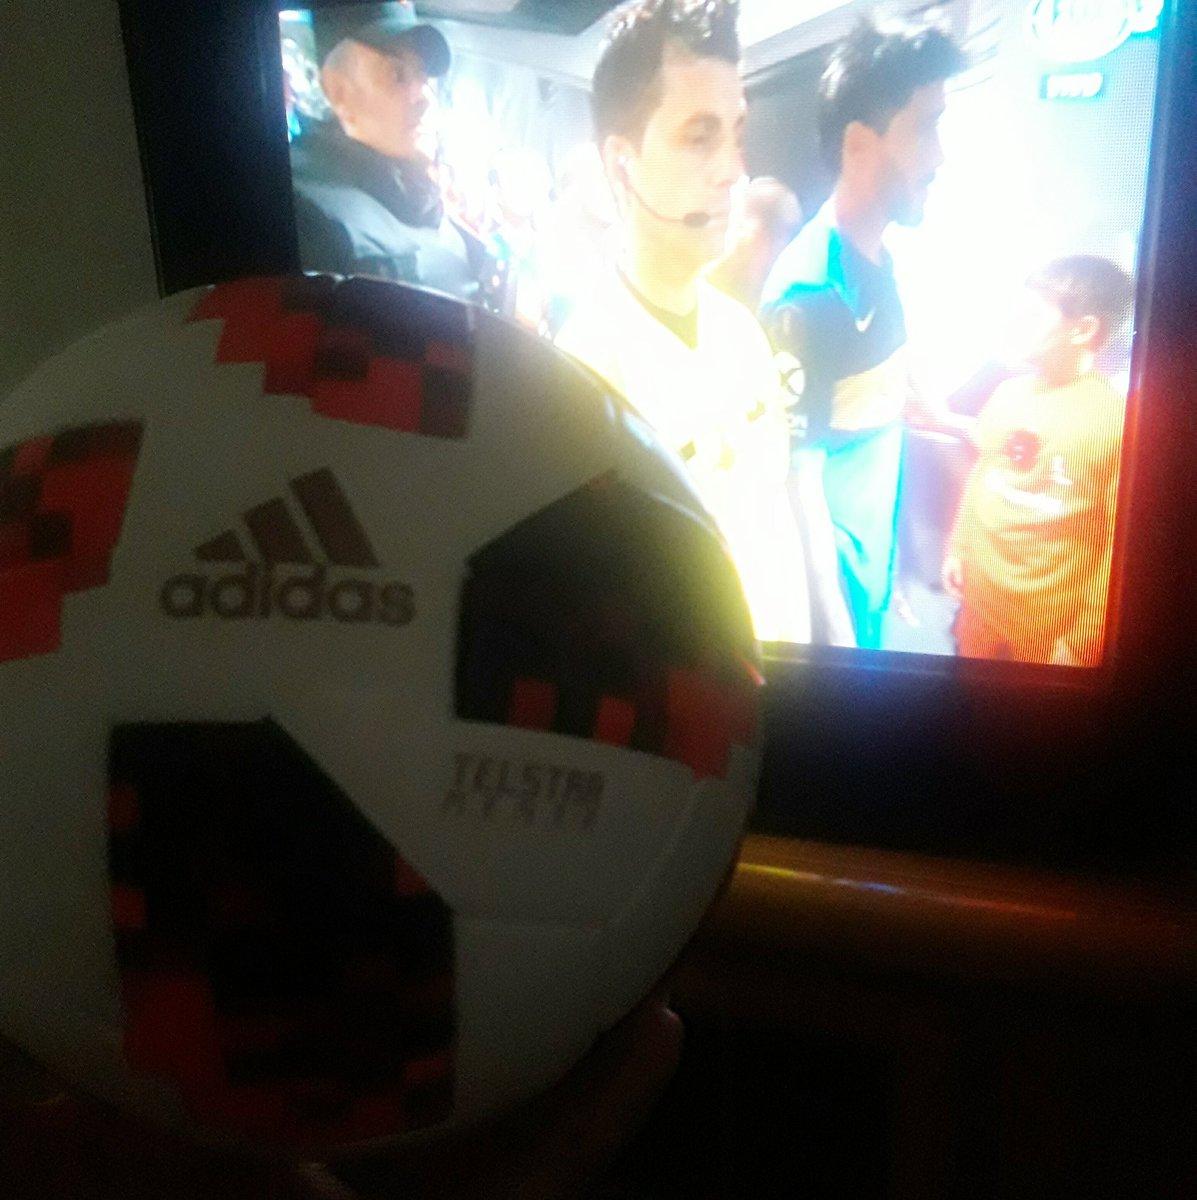 Viendo #RiverBoca en buena compañía. @adidas_ES Telstar modelo #U17WWC - #Uruguay2018 🇺🇾 #CONMEBOLLibertadores